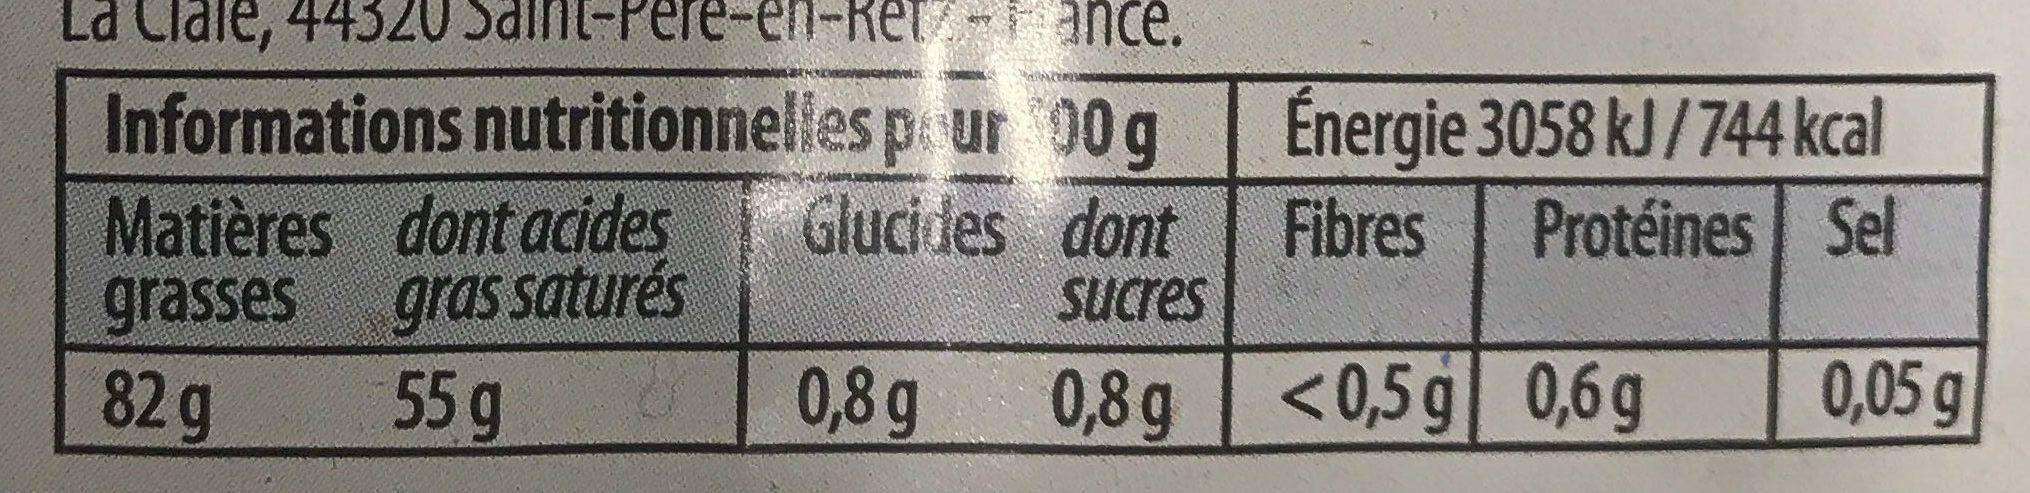 Beurre moulé - Nutrition facts - fr